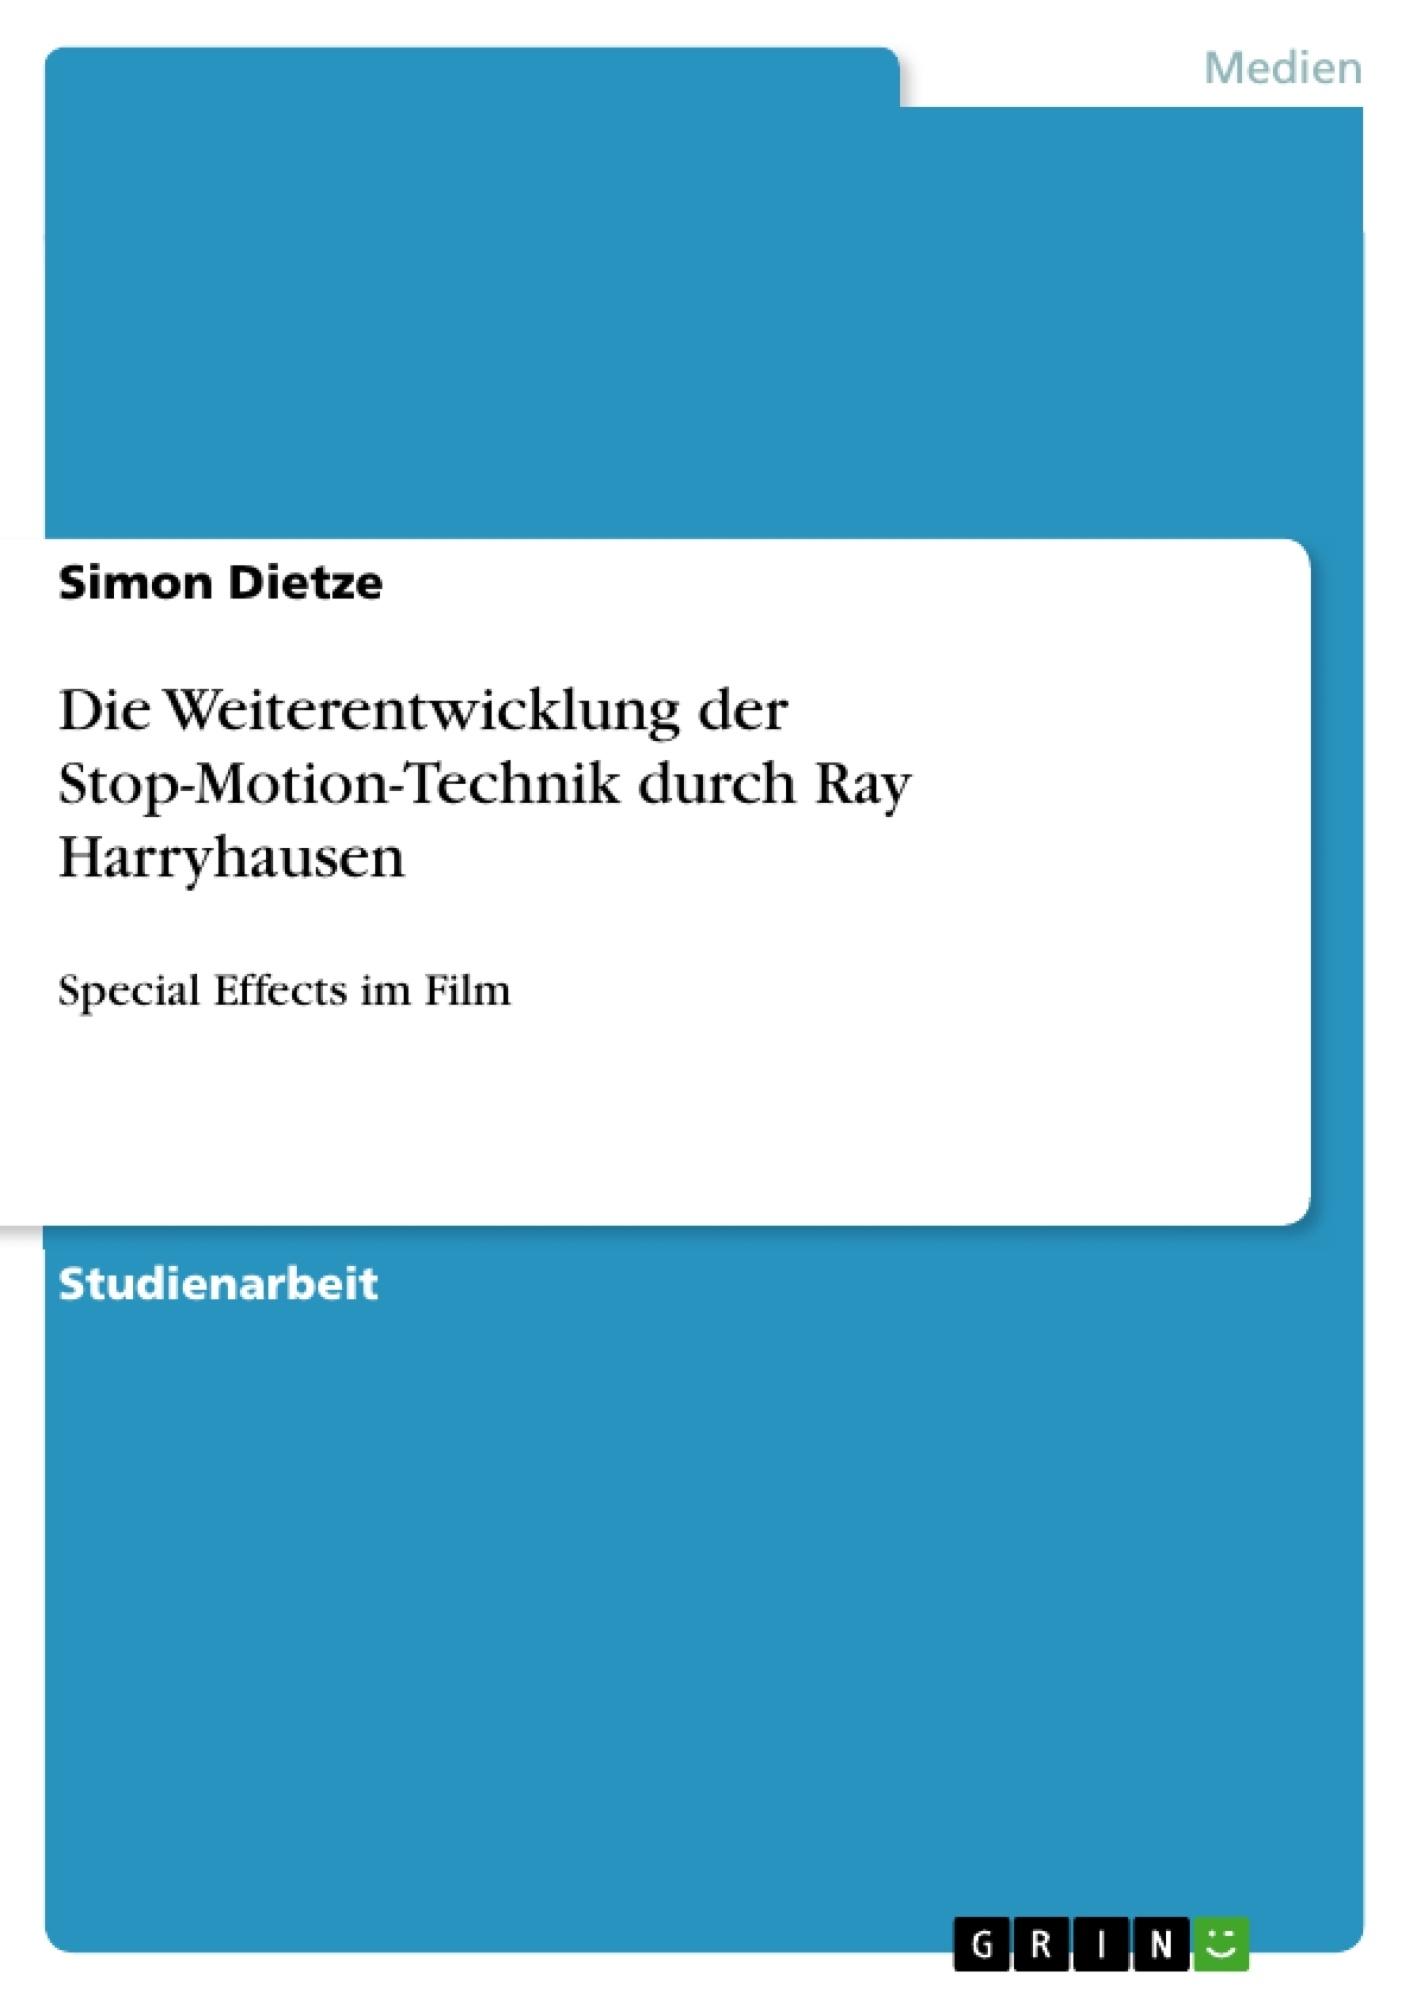 Titel: Die Weiterentwicklung der Stop-Motion-Technik durch Ray Harryhausen